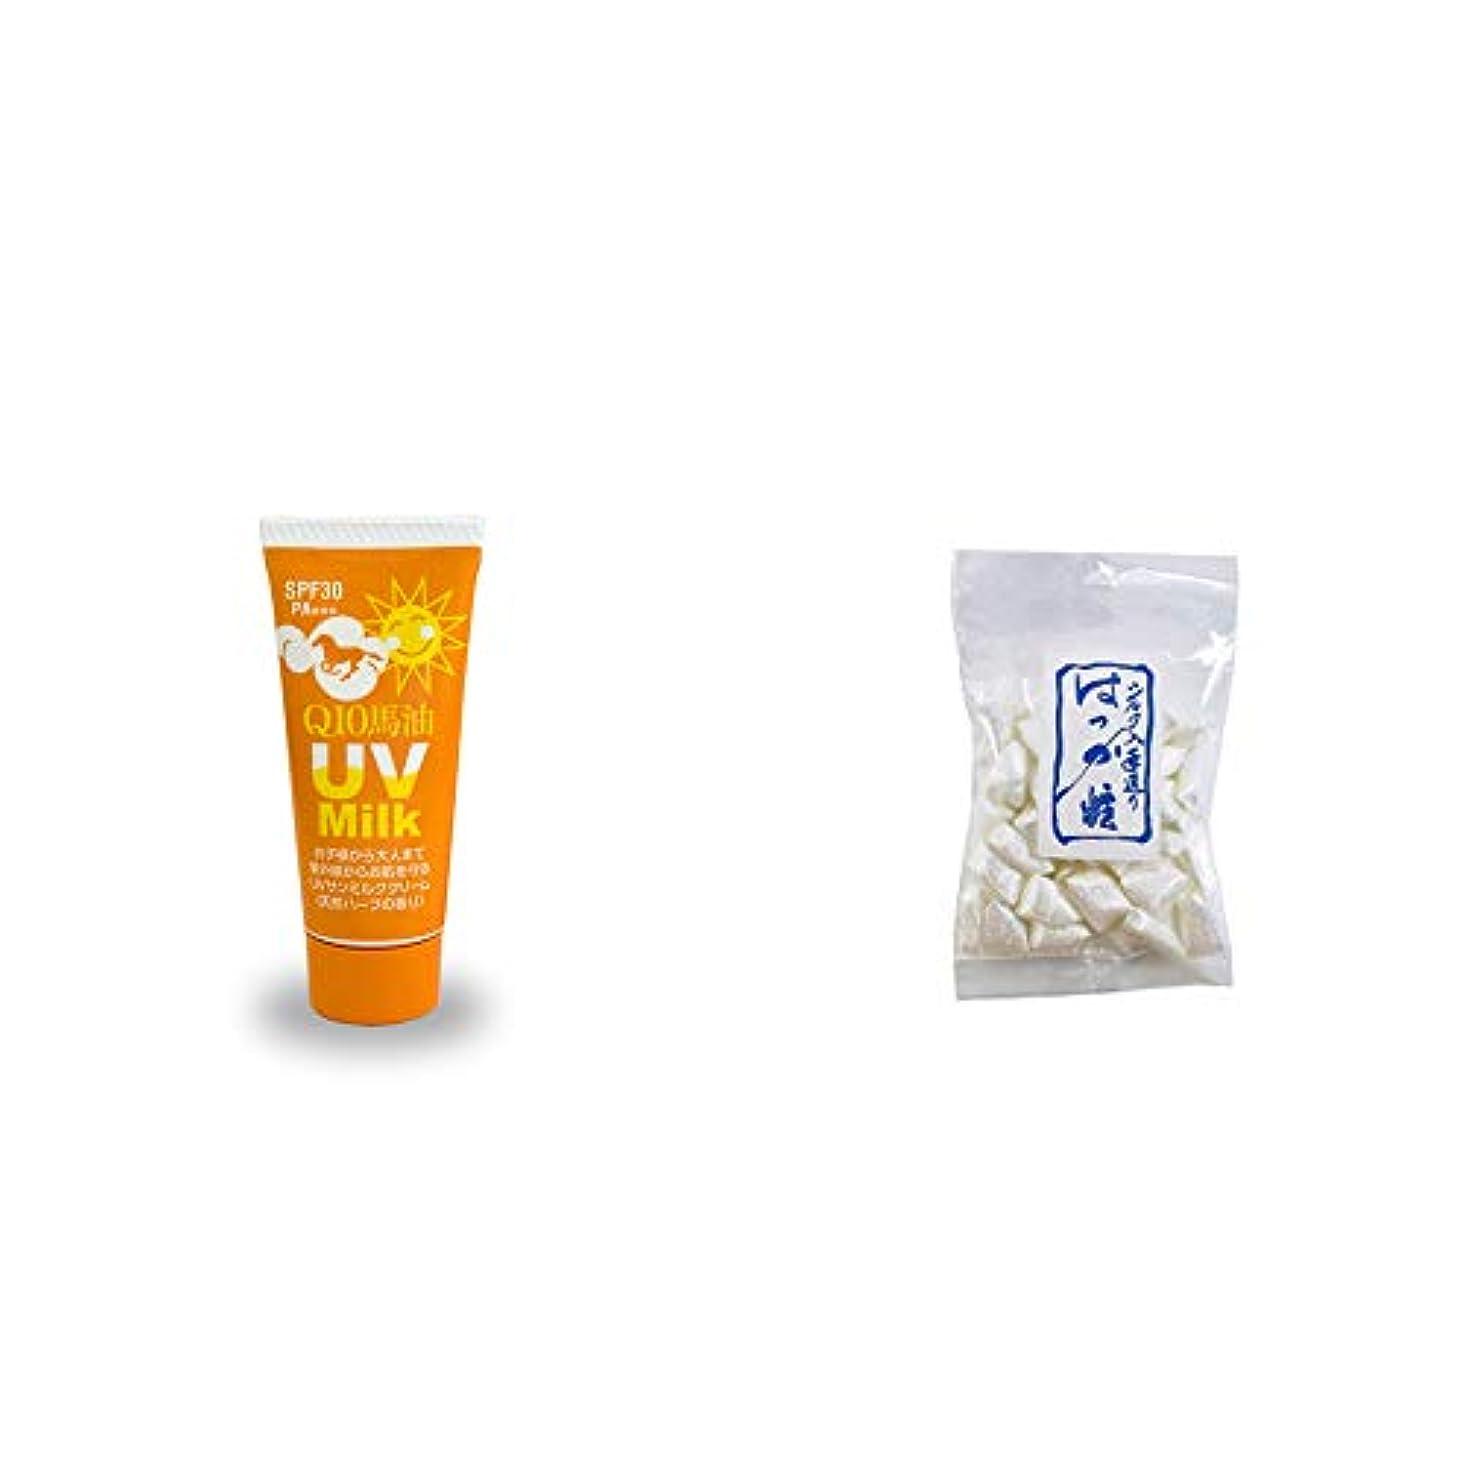 砂利存在する製品[2点セット] 炭黒泉 Q10馬油 UVサンミルク[天然ハーブ](40g)?シルクはっか糖(150g)